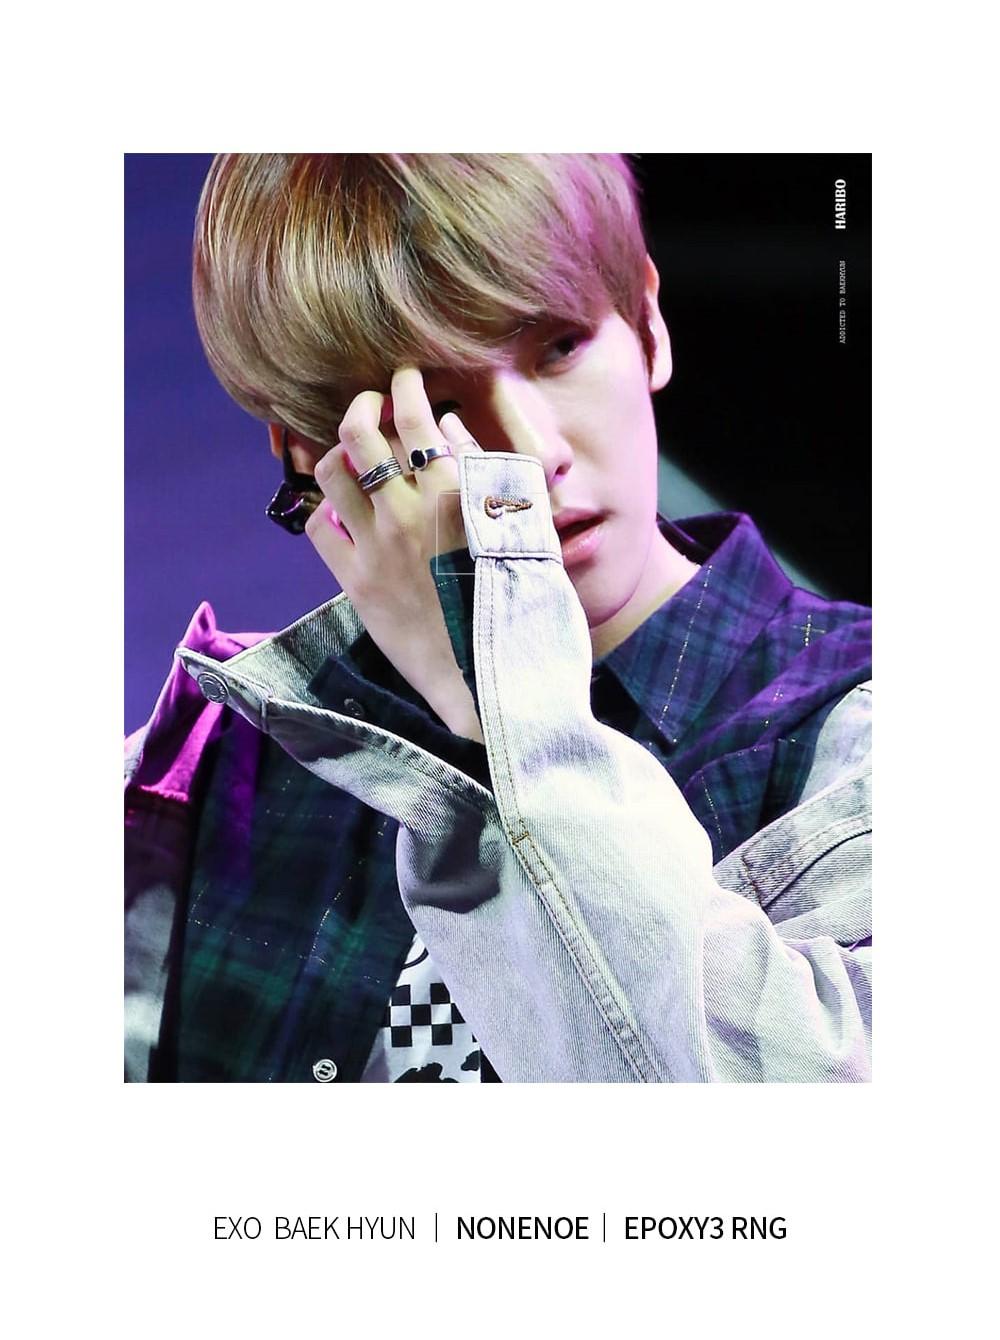 254810_EXO BAEK HYUN.jpg